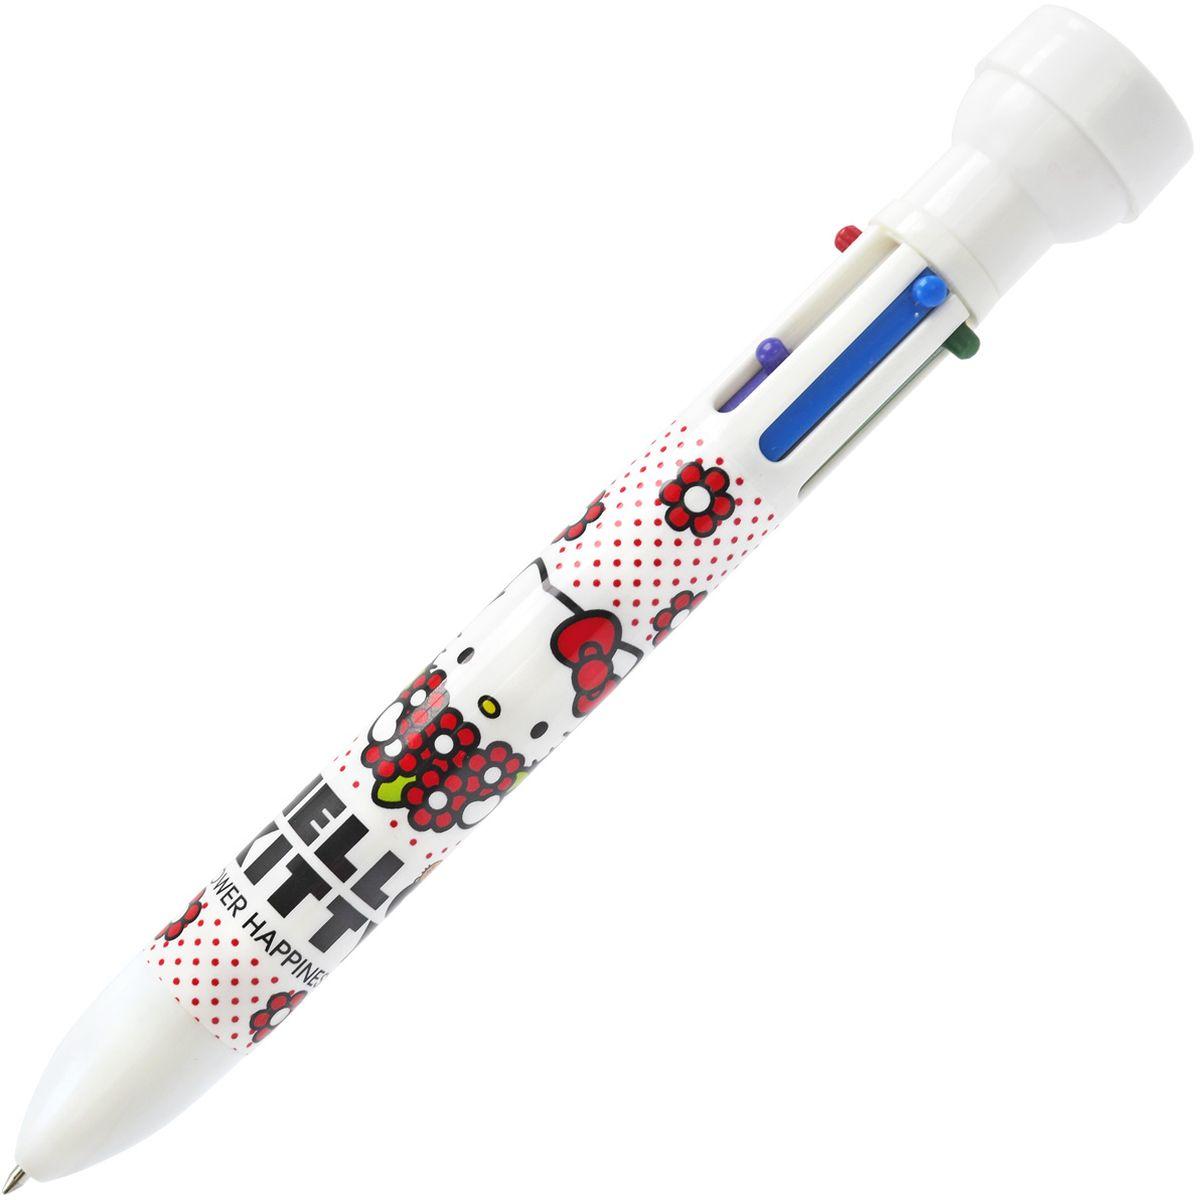 Action! Ручка шариковая Hello Kitty со штампиком 6 цветовHKO-ABP201/6/SШариковая ручка Action! предназначена для письма на бумаге в пластиковом корпусе. Имеет 6 цветов: красный, фиолетовый, синий, зеленый, оранжевый, черный. Диаметр шарика - 0,7 мм.